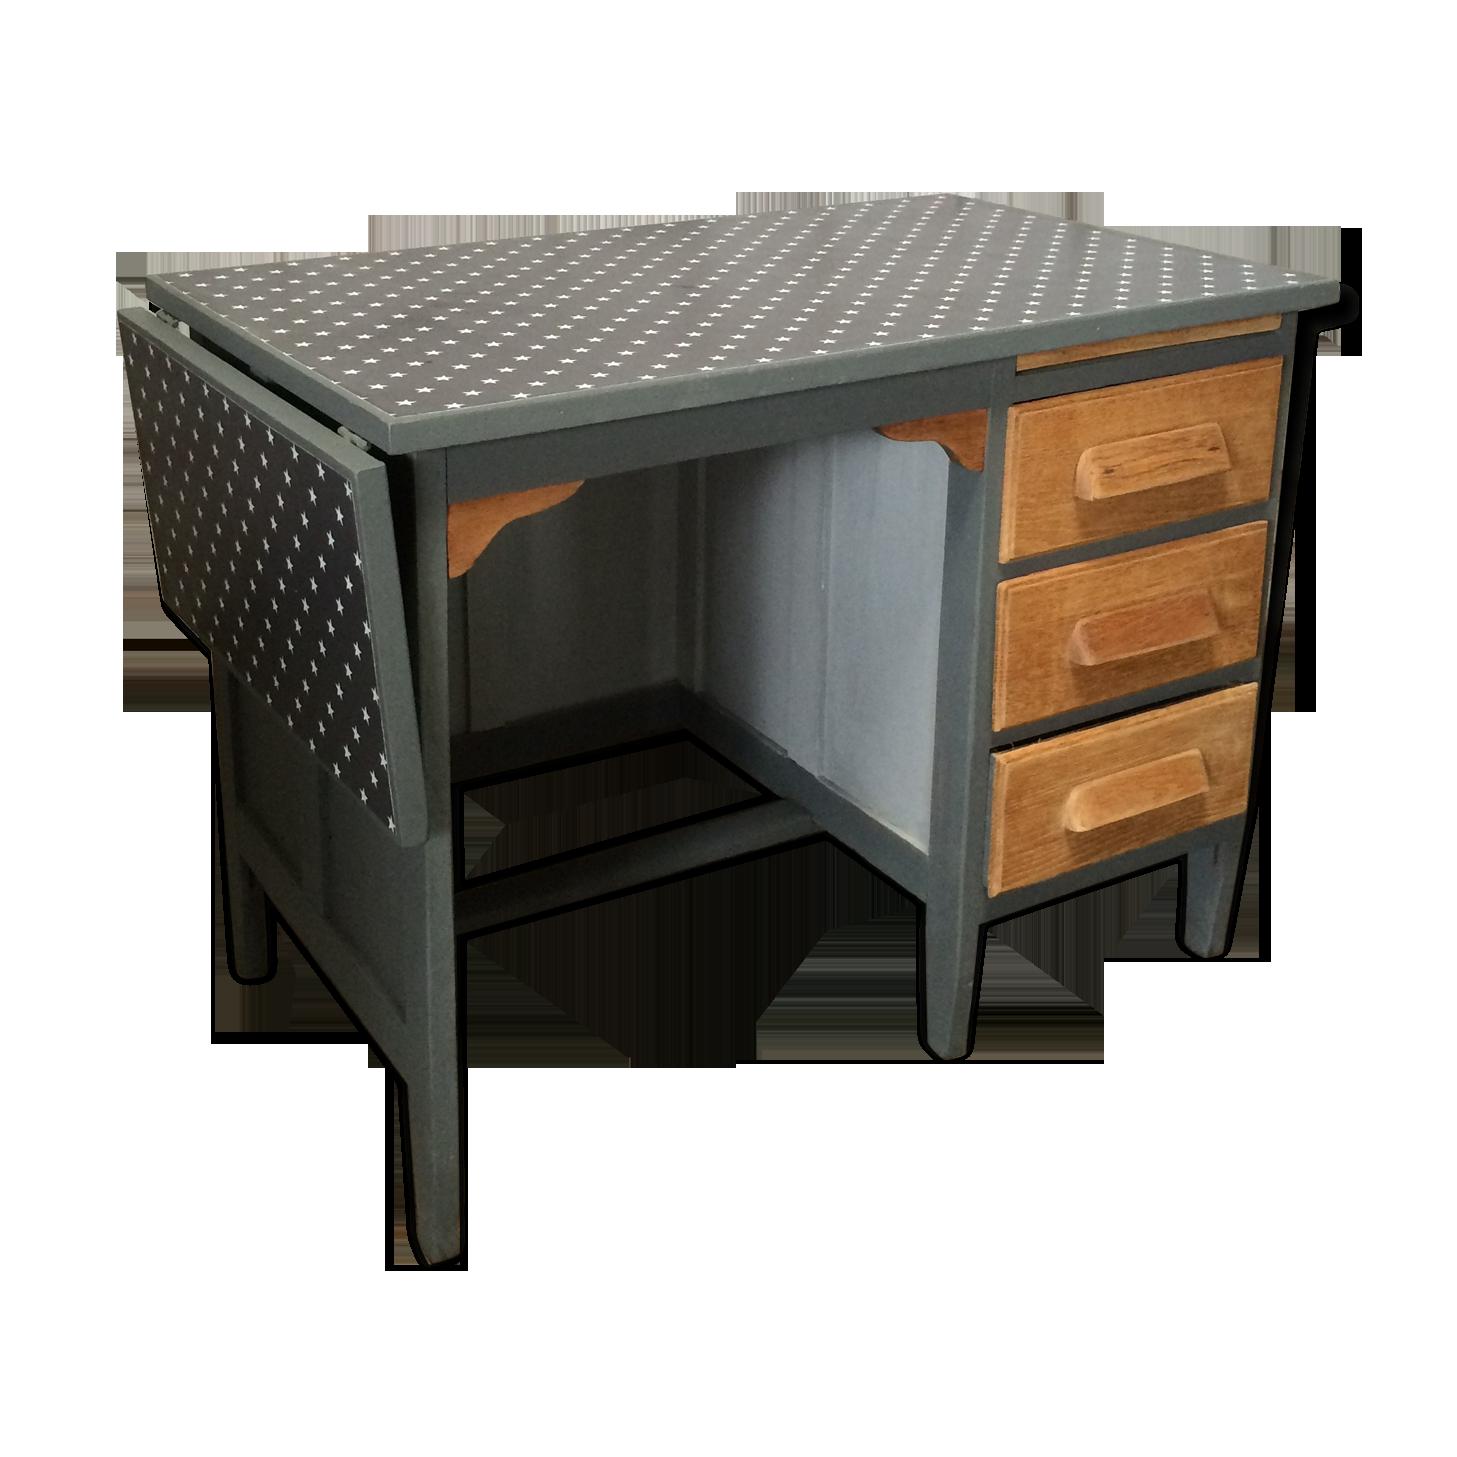 Bureau vintage taille enfant gris toile ciré étoile bois